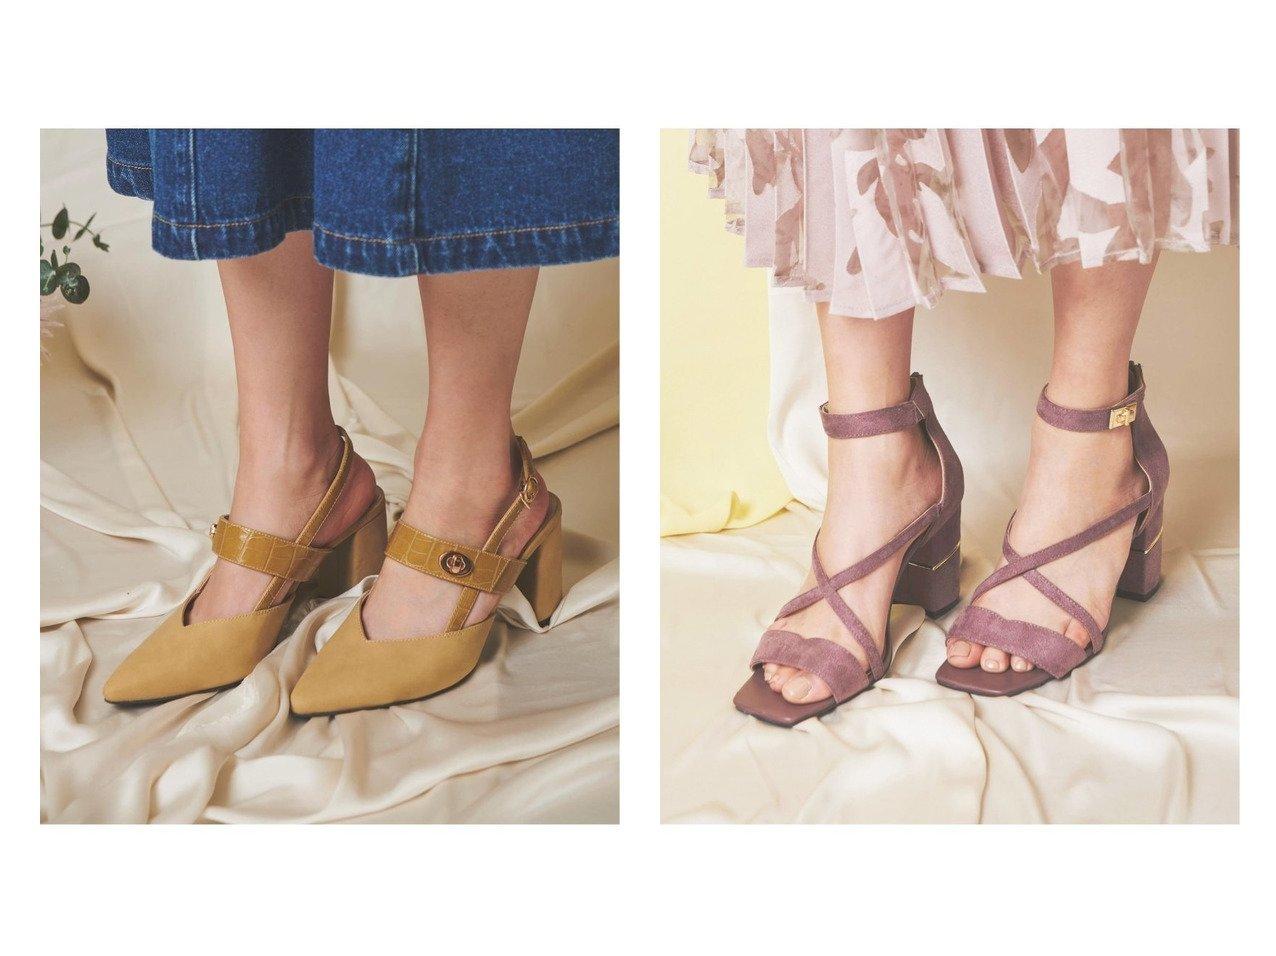 【Noela/ノエラ】のマテリアルコンビシューズ&クロスストラップパンプス シューズ・靴のおすすめ!人気、トレンド・レディースファッションの通販 おすすめで人気の流行・トレンド、ファッションの通販商品 メンズファッション・キッズファッション・インテリア・家具・レディースファッション・服の通販 founy(ファニー) https://founy.com/ ファッション Fashion レディースファッション WOMEN NEW・新作・新着・新入荷 New Arrivals サンダル シューズ ラップ おすすめ Recommend ミュール  ID:crp329100000023928